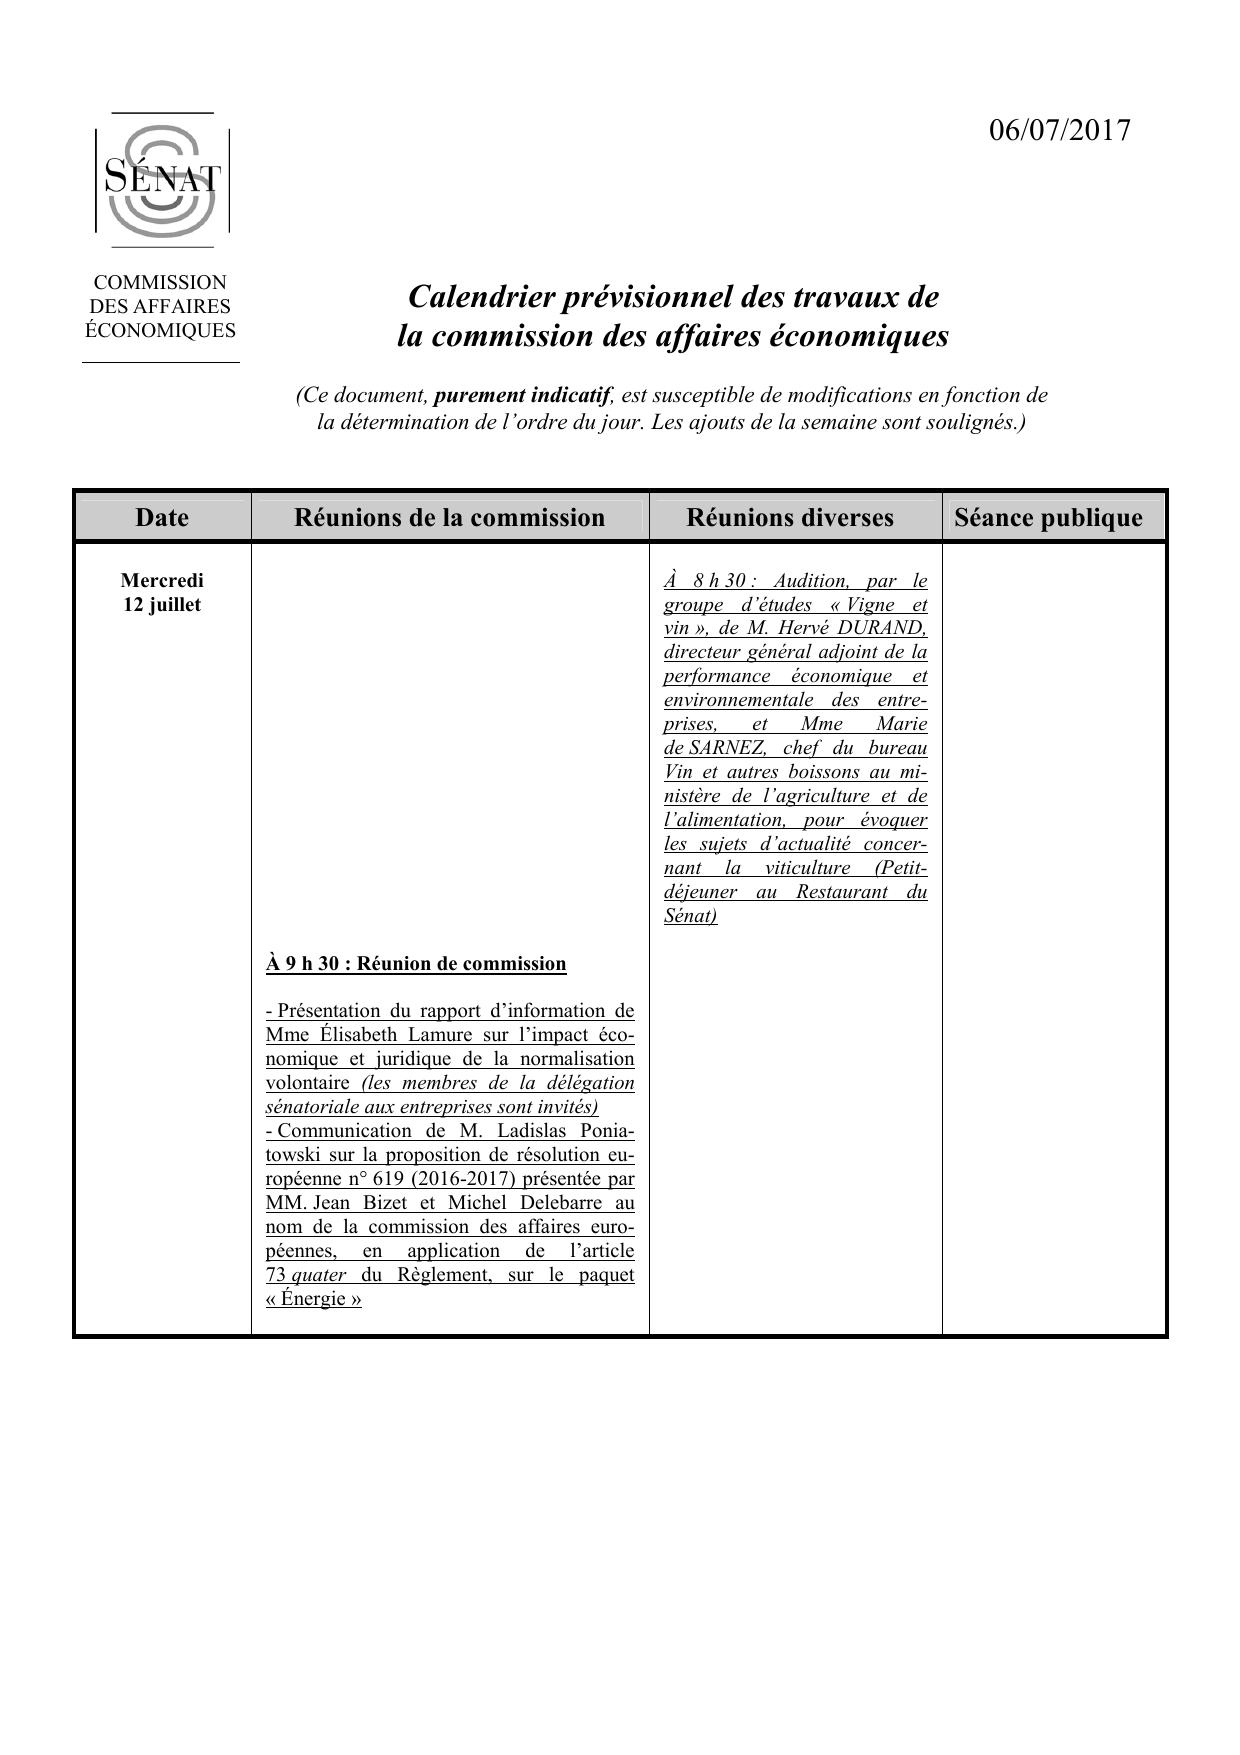 Travaux Vigne Calendrier.Calendrier Previsionnel Des Travaux De La Commission Des